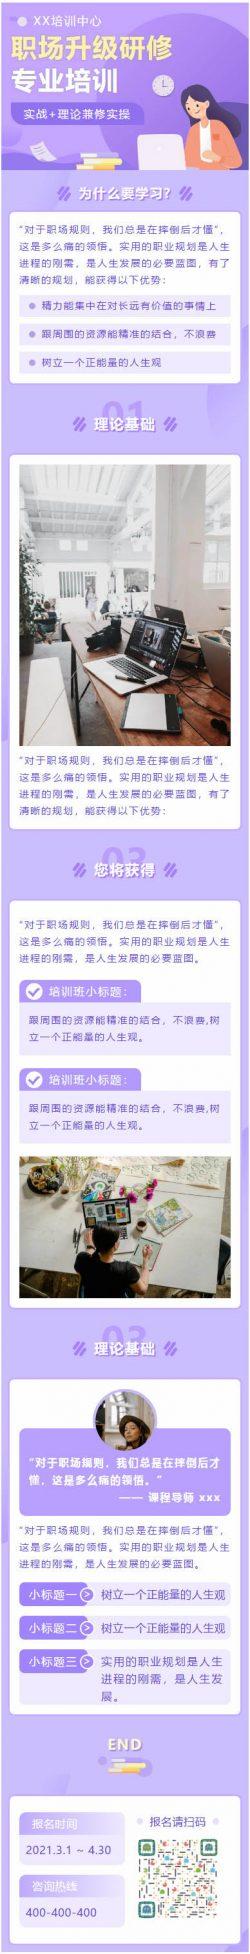 职场研修培训教育机构微信公众号推送图文推文文章模板